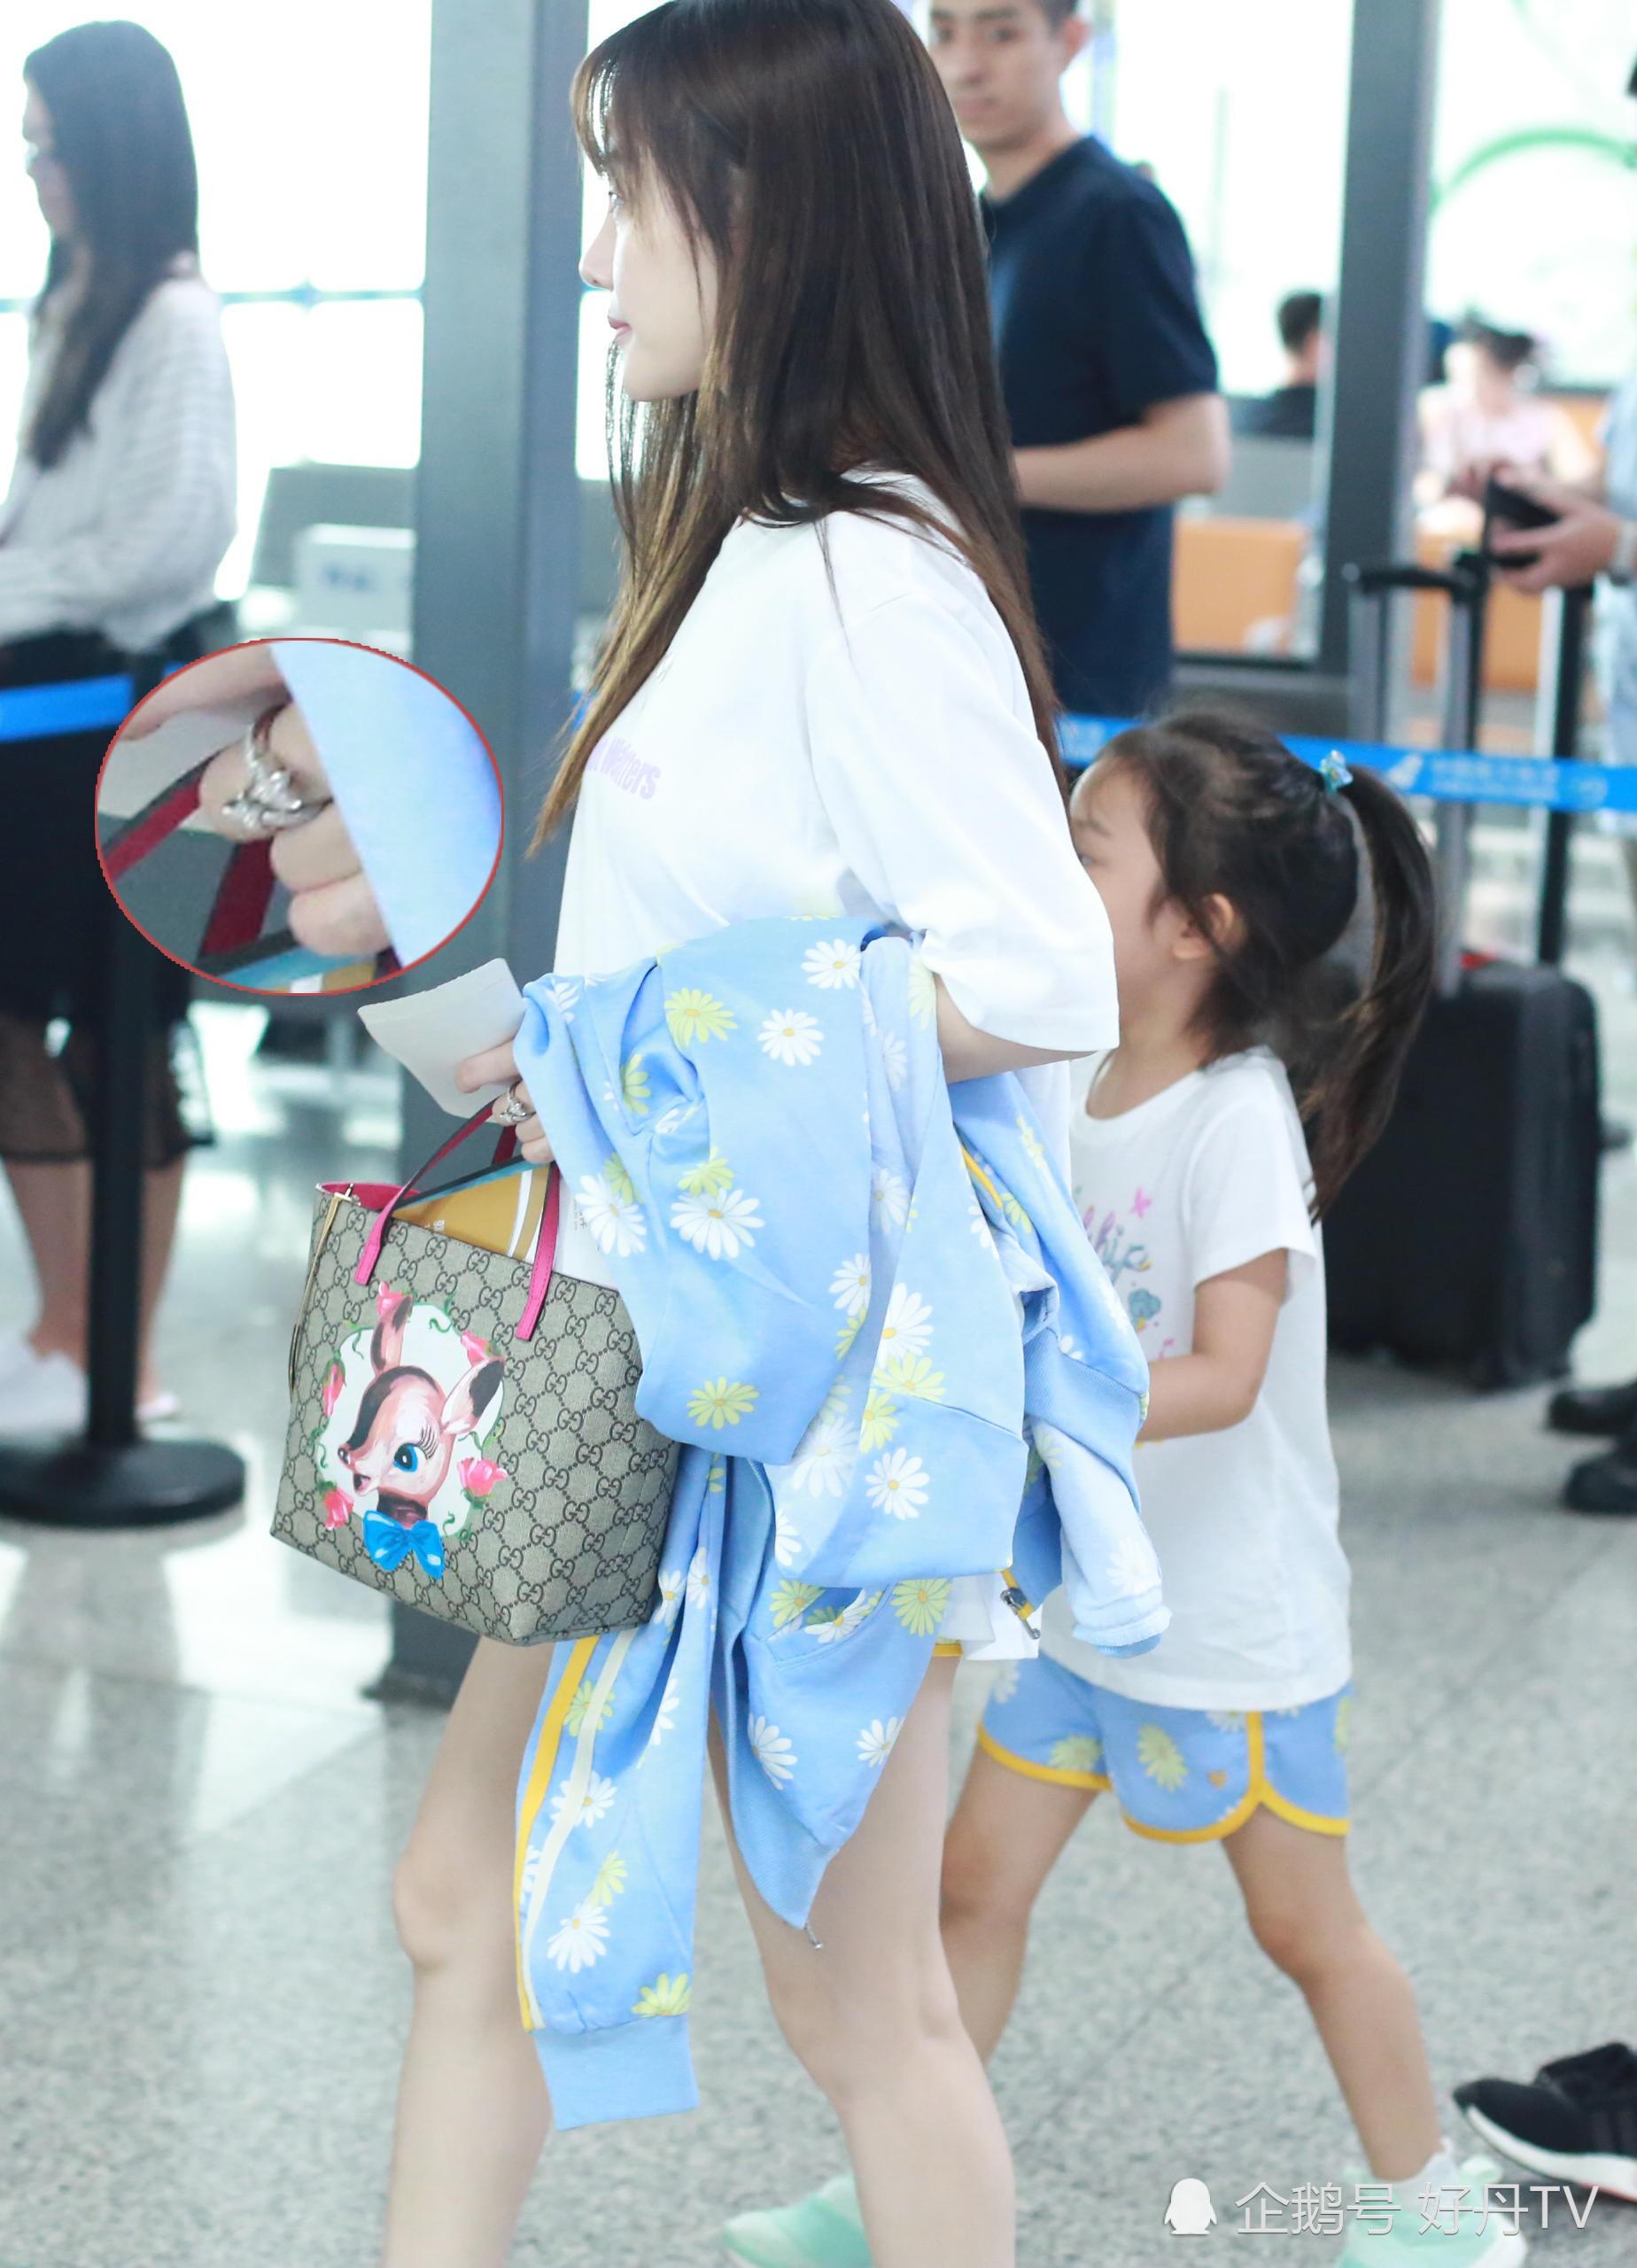 Tái hợp với Giả Nãi Lượng, Lý Tiểu Lộ diện áo đôi, nói cười vui vẻ với con gái tại sân bay - Ảnh 7.